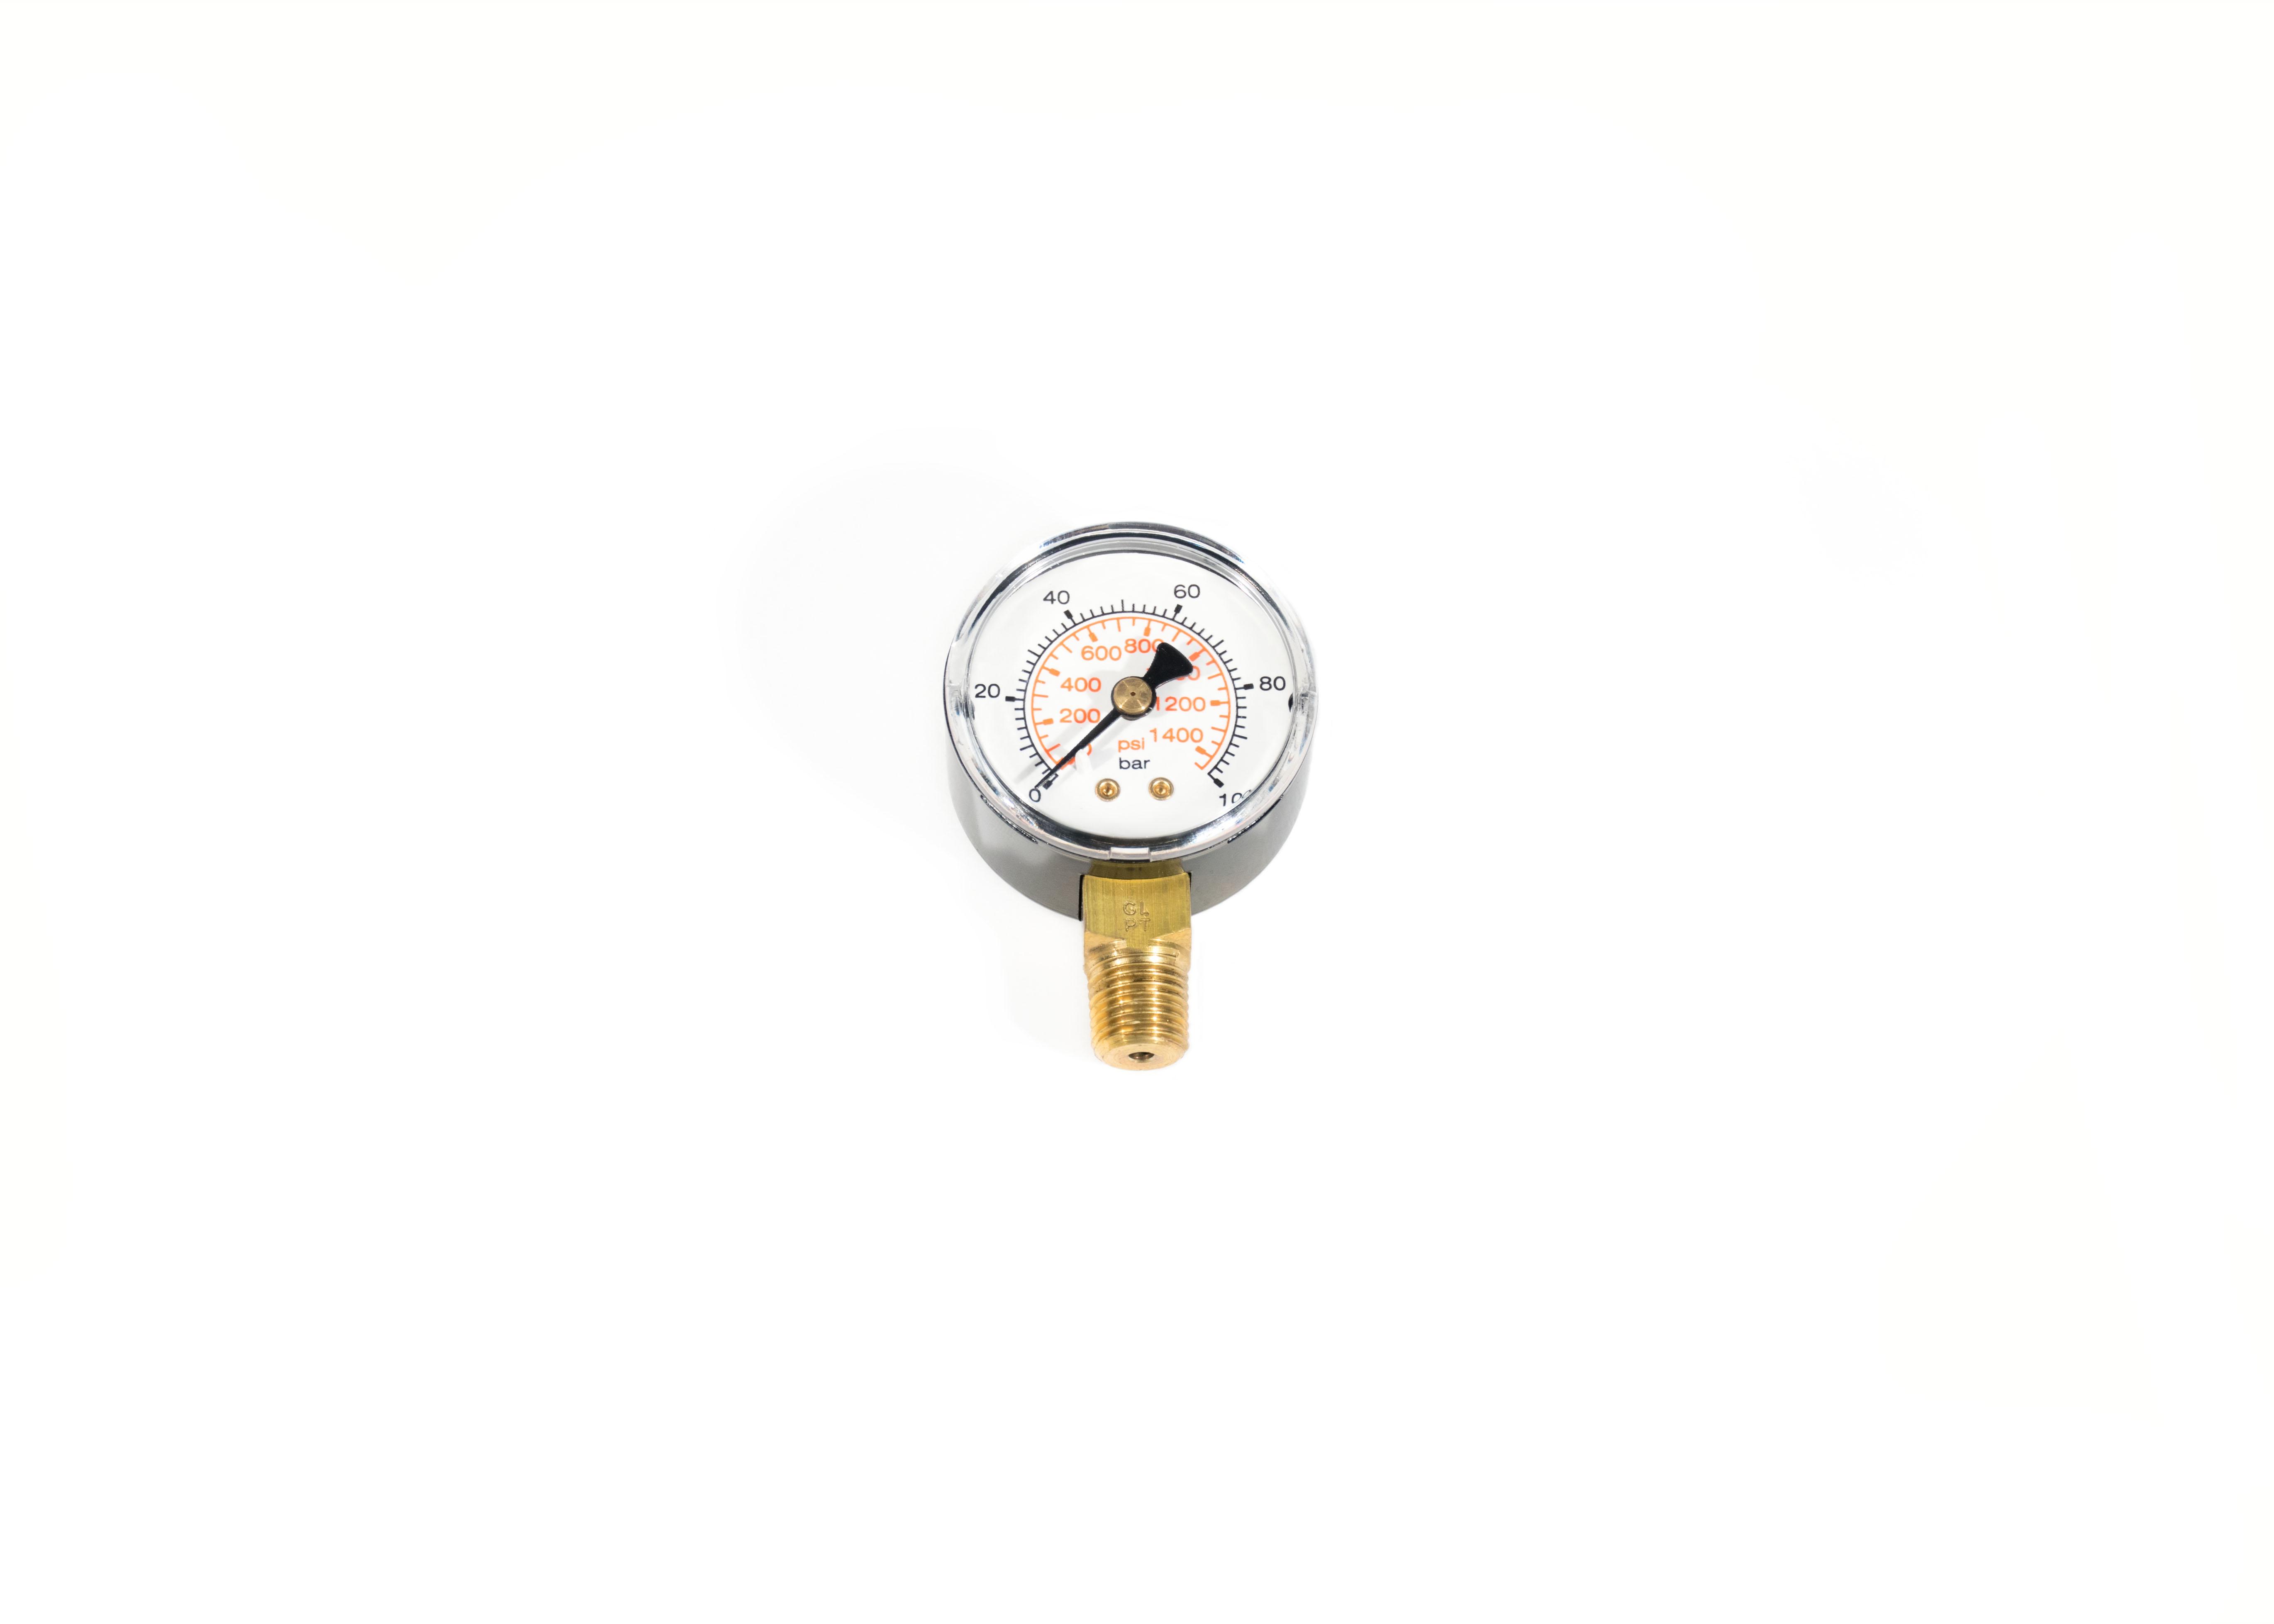 Radial Pressure Gauge OLS# 638271 Image